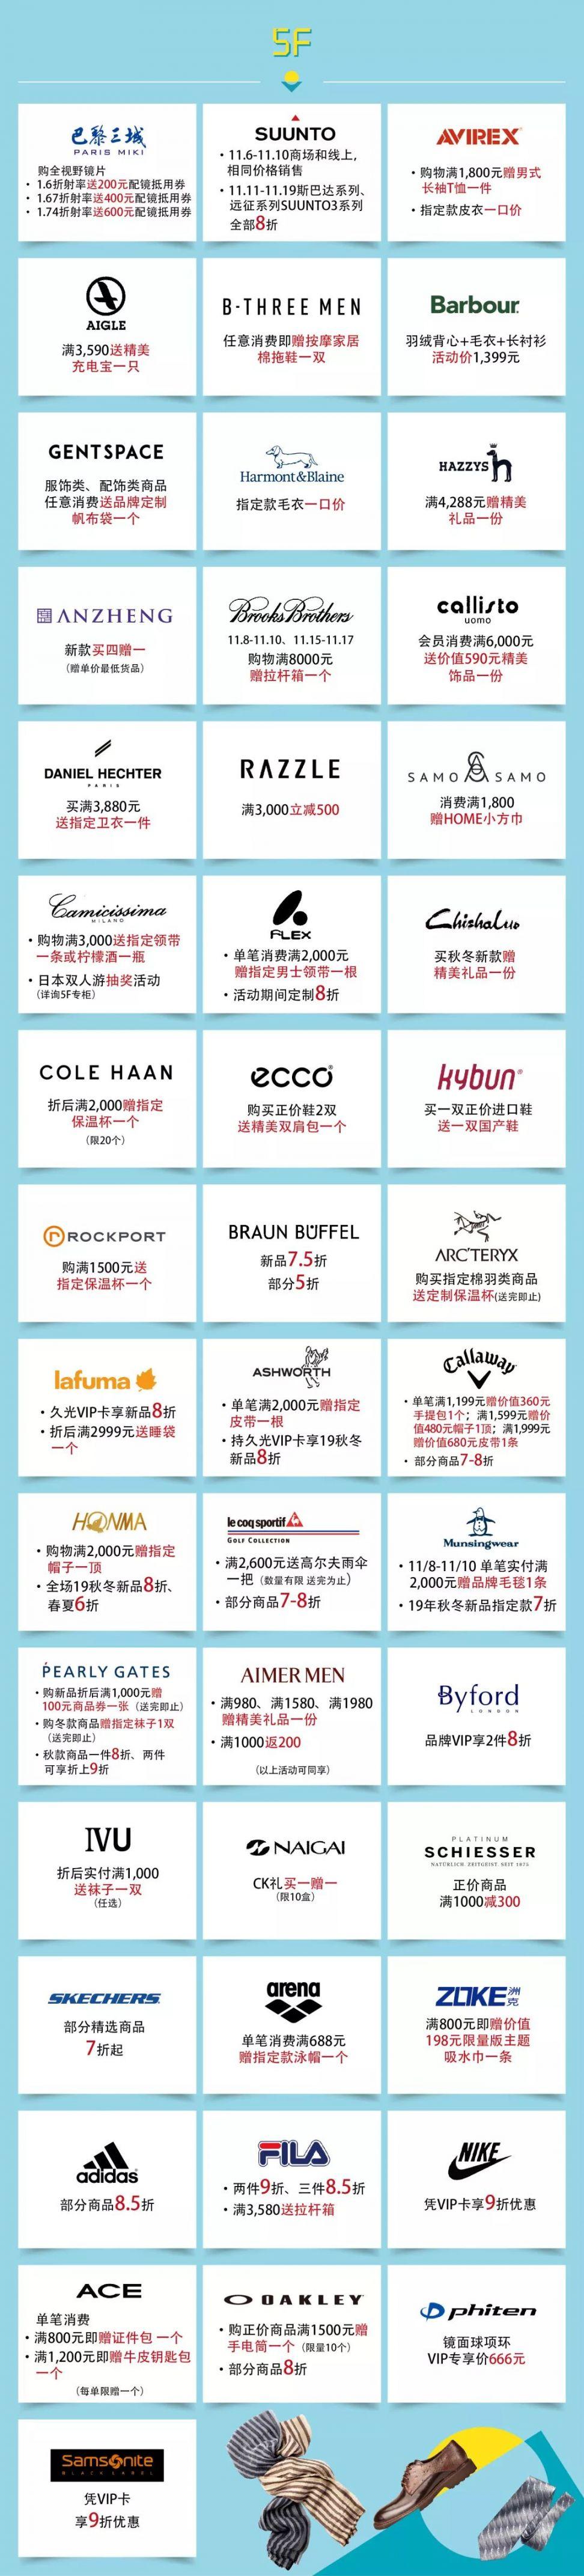 上海(hai)久(jiu)光(guang)百貨(huo)男裝節(jie)各大品牌折扣(kou)一(yi)覽